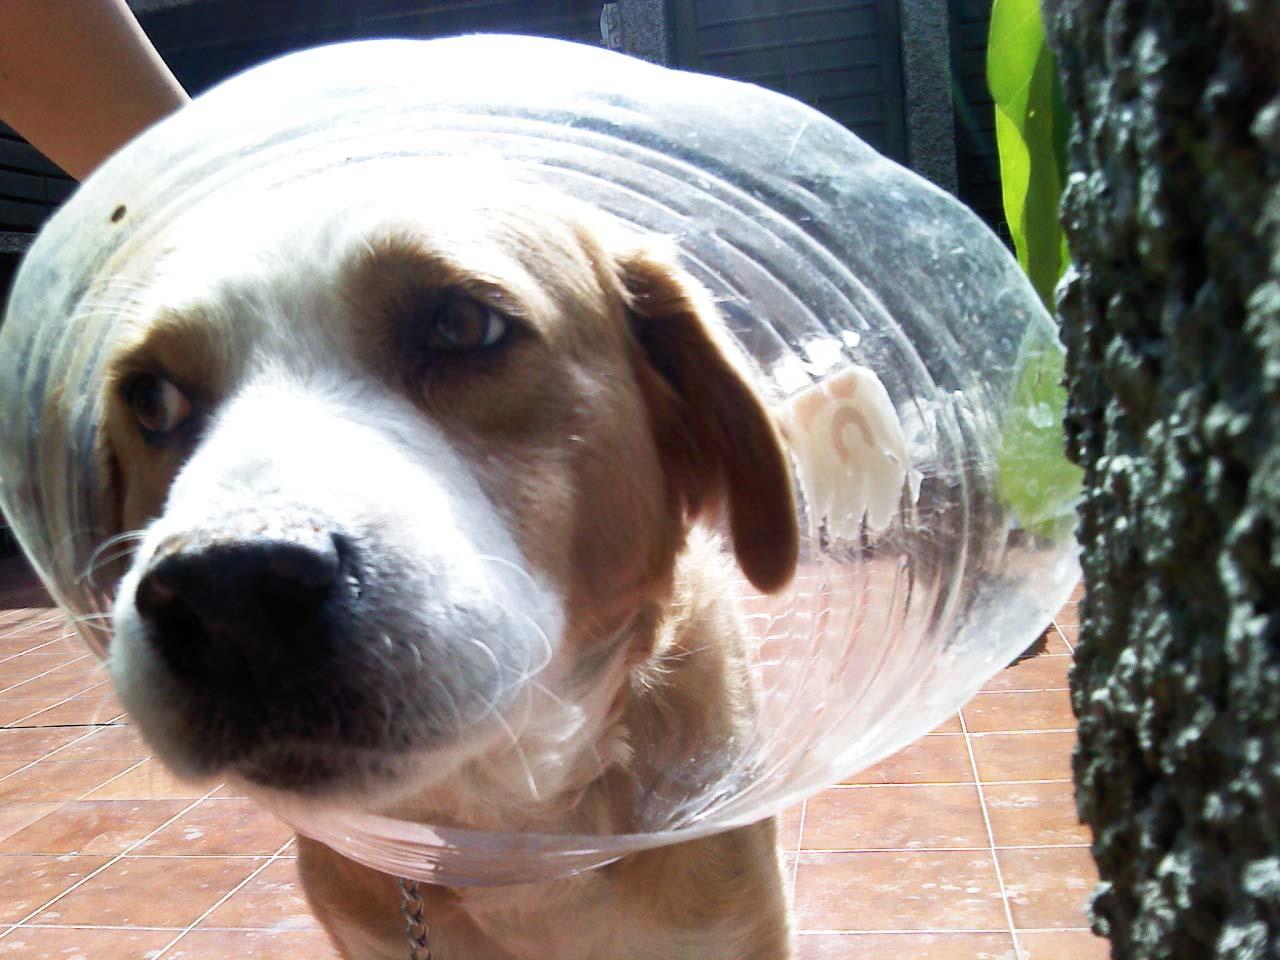 A lo perrito con la flaca chilena 3 2